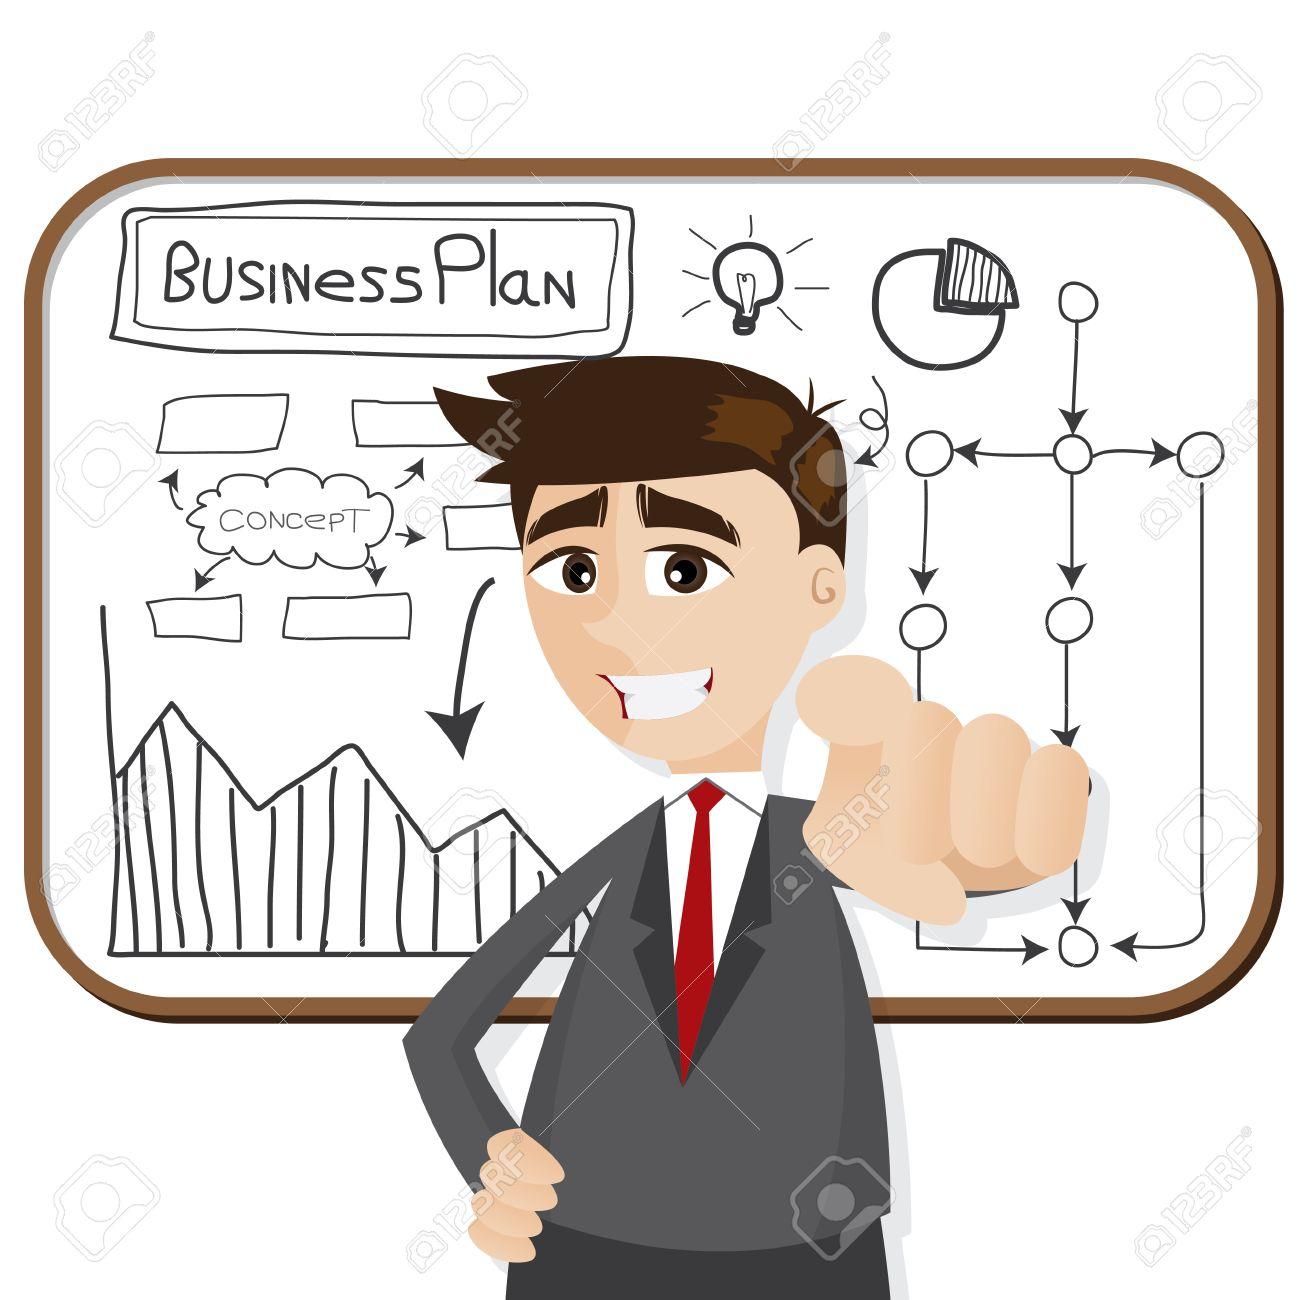 事業計画と漫画のビジネスマンのイラストのイラスト素材ベクタ Image